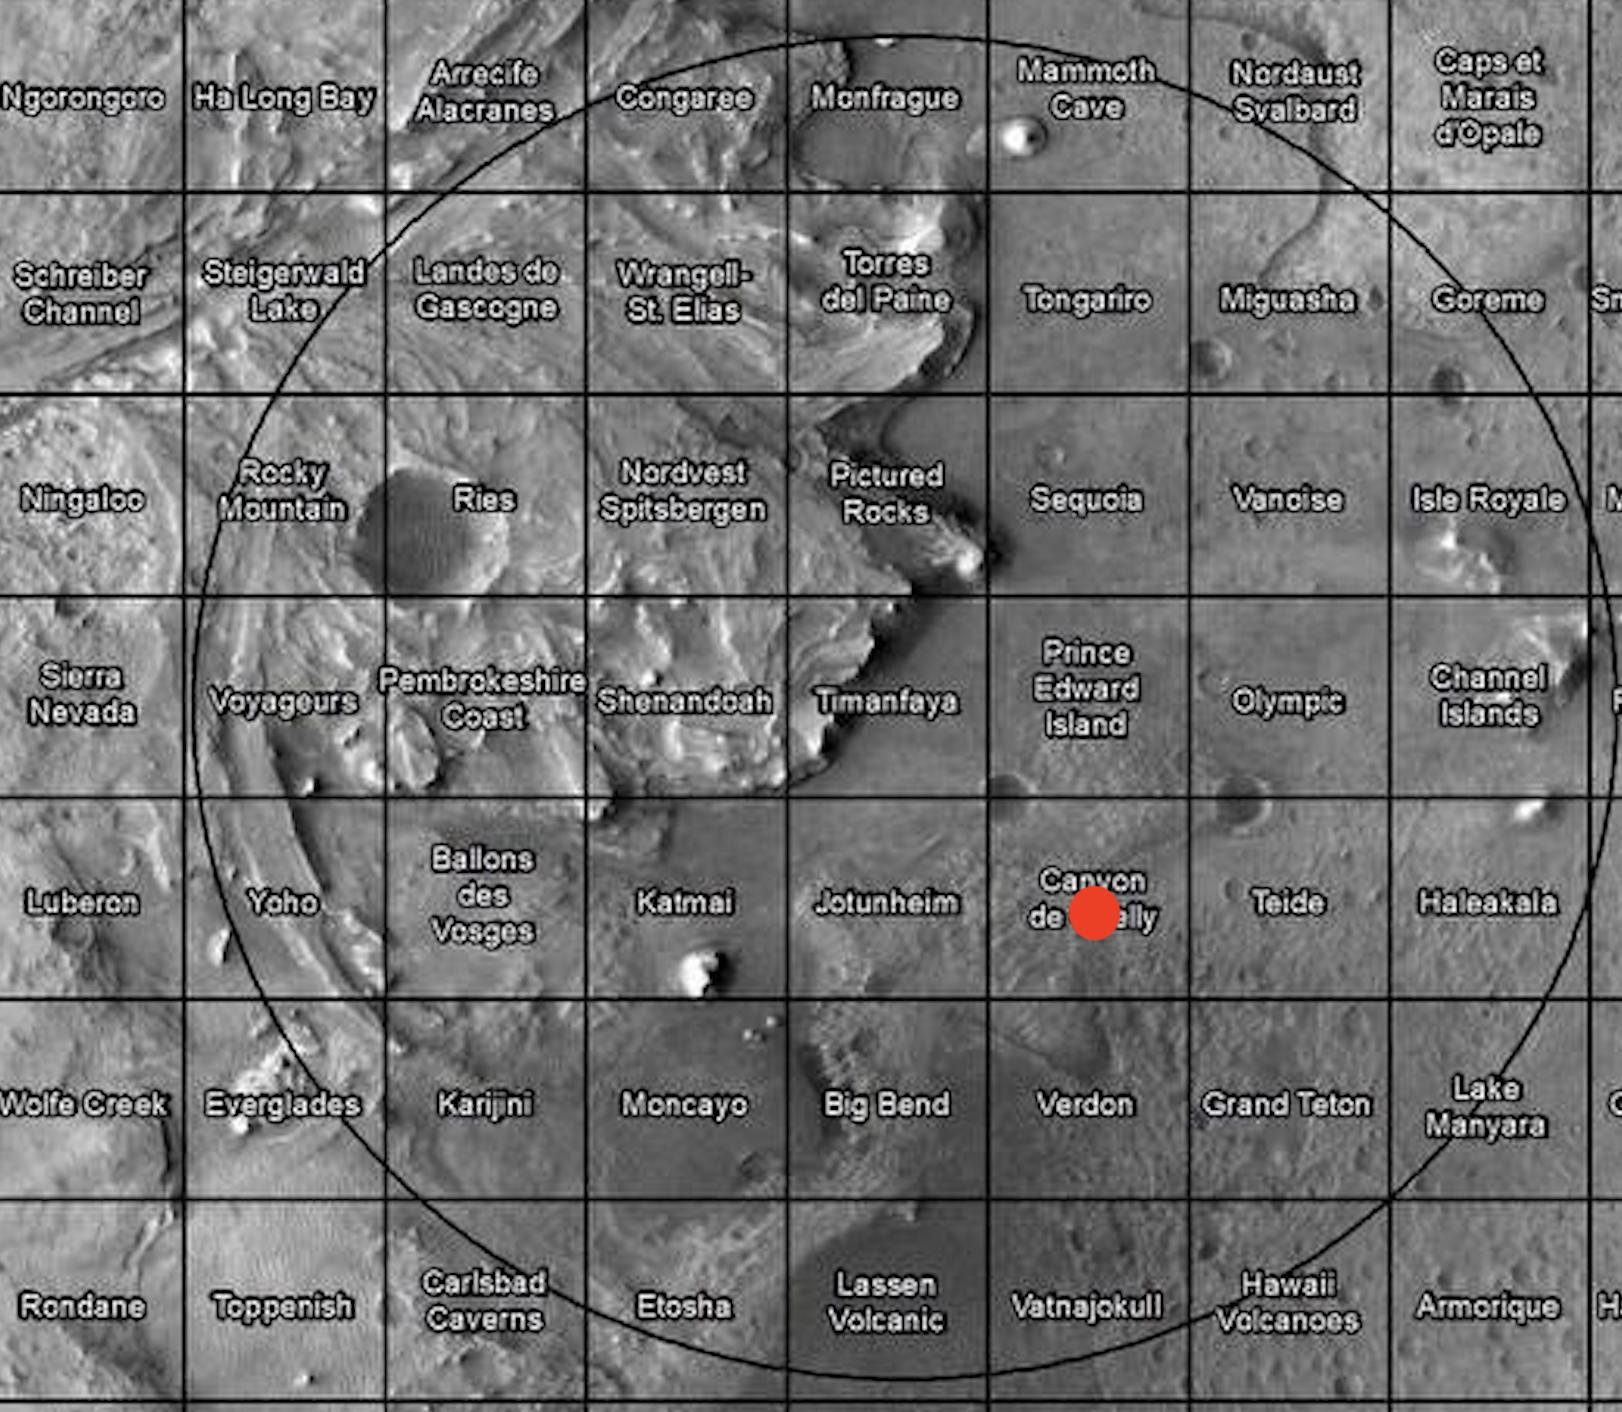 Vista aérea del cráter Jezero. Perseverance debía aterrizar en el interior de la elipse. En rojo se señala el lugar exacto en el que finalmente aterrizó.